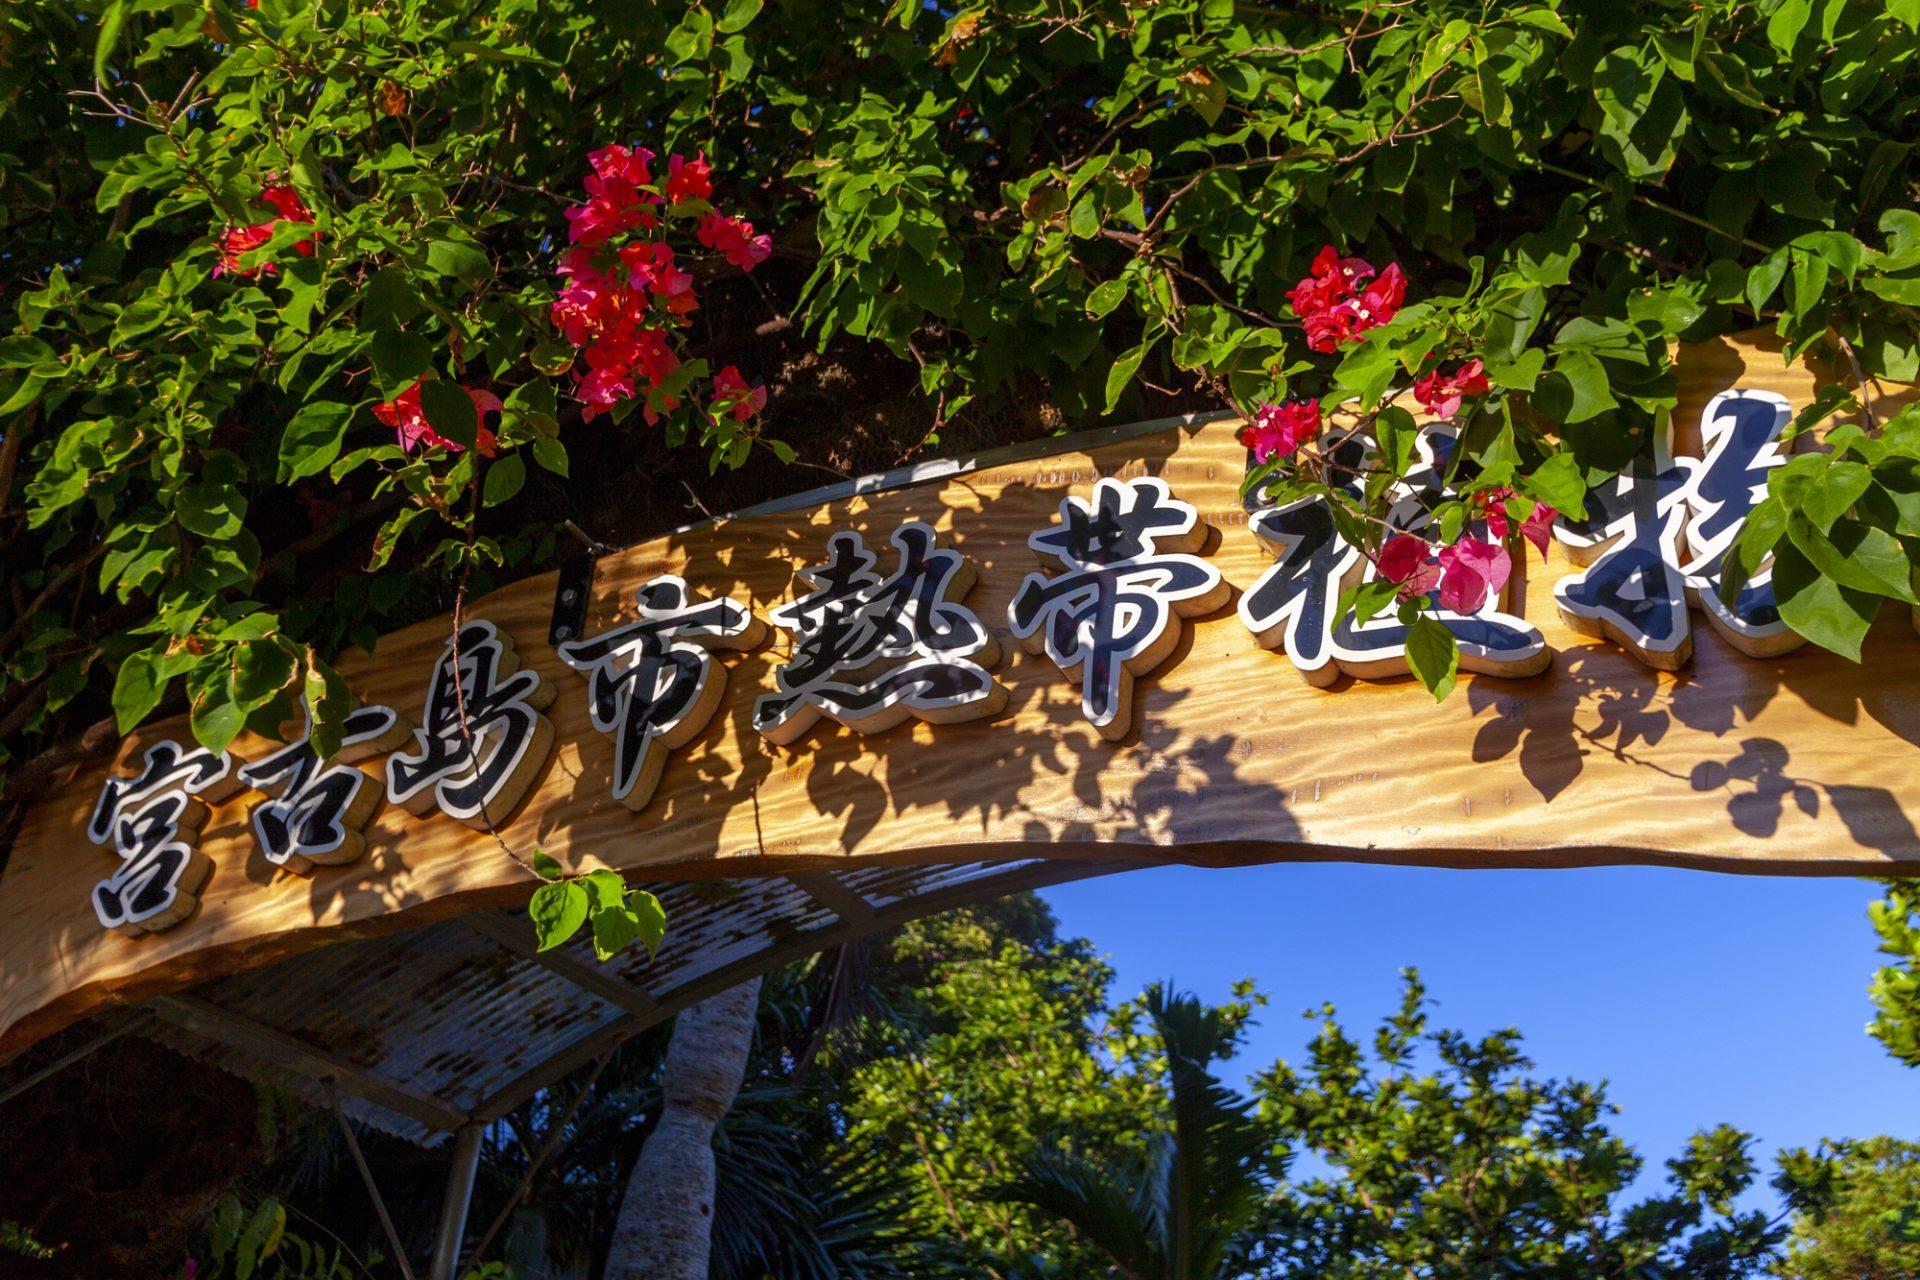 宮古島市平良にある「宮古島市熱帯植物園」